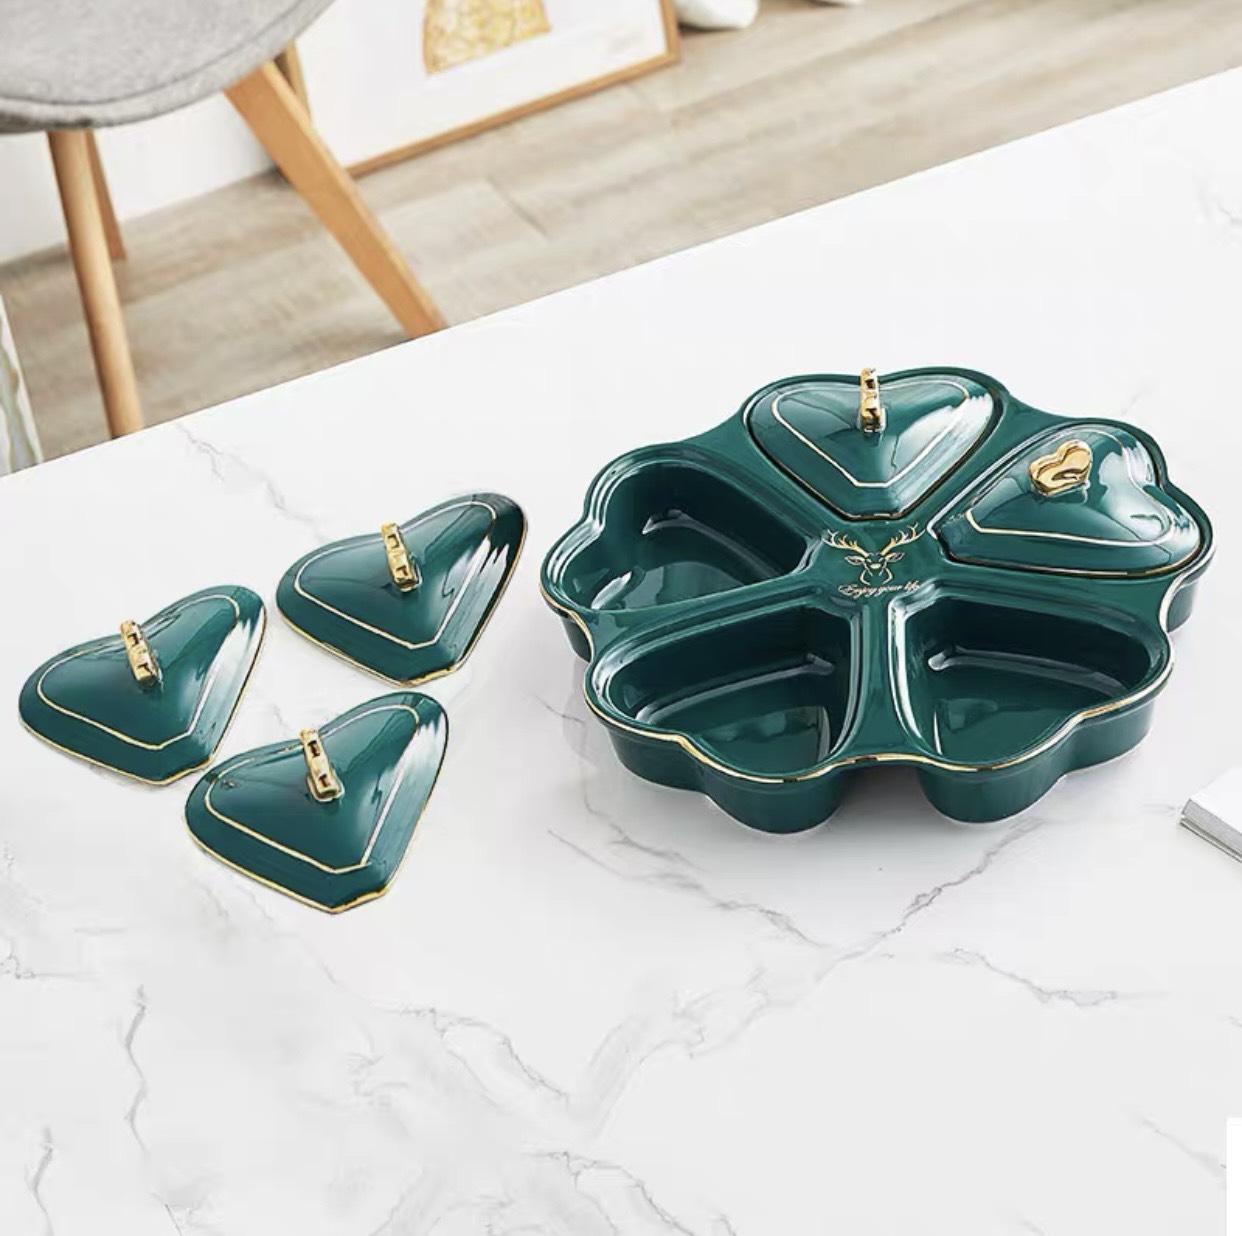 Khay đựng mứt kẹo gốm sứ nghệ thuật LI-KHA0022 – Phong cách Châu Âu sang trọng, thanh lịch